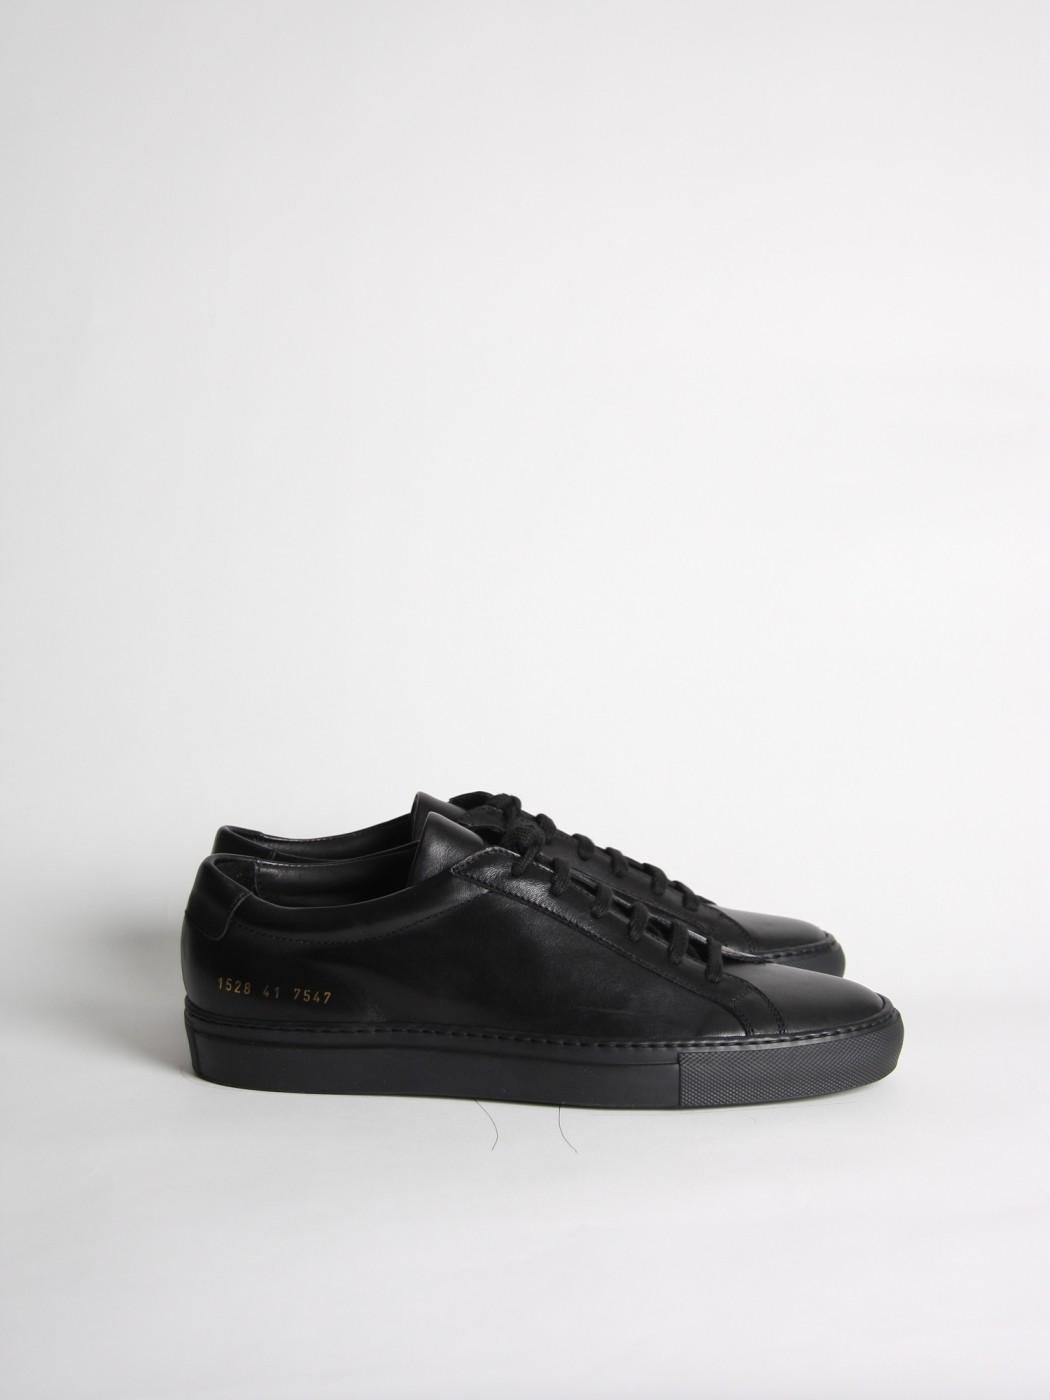 original-achilles-low-black.jpg